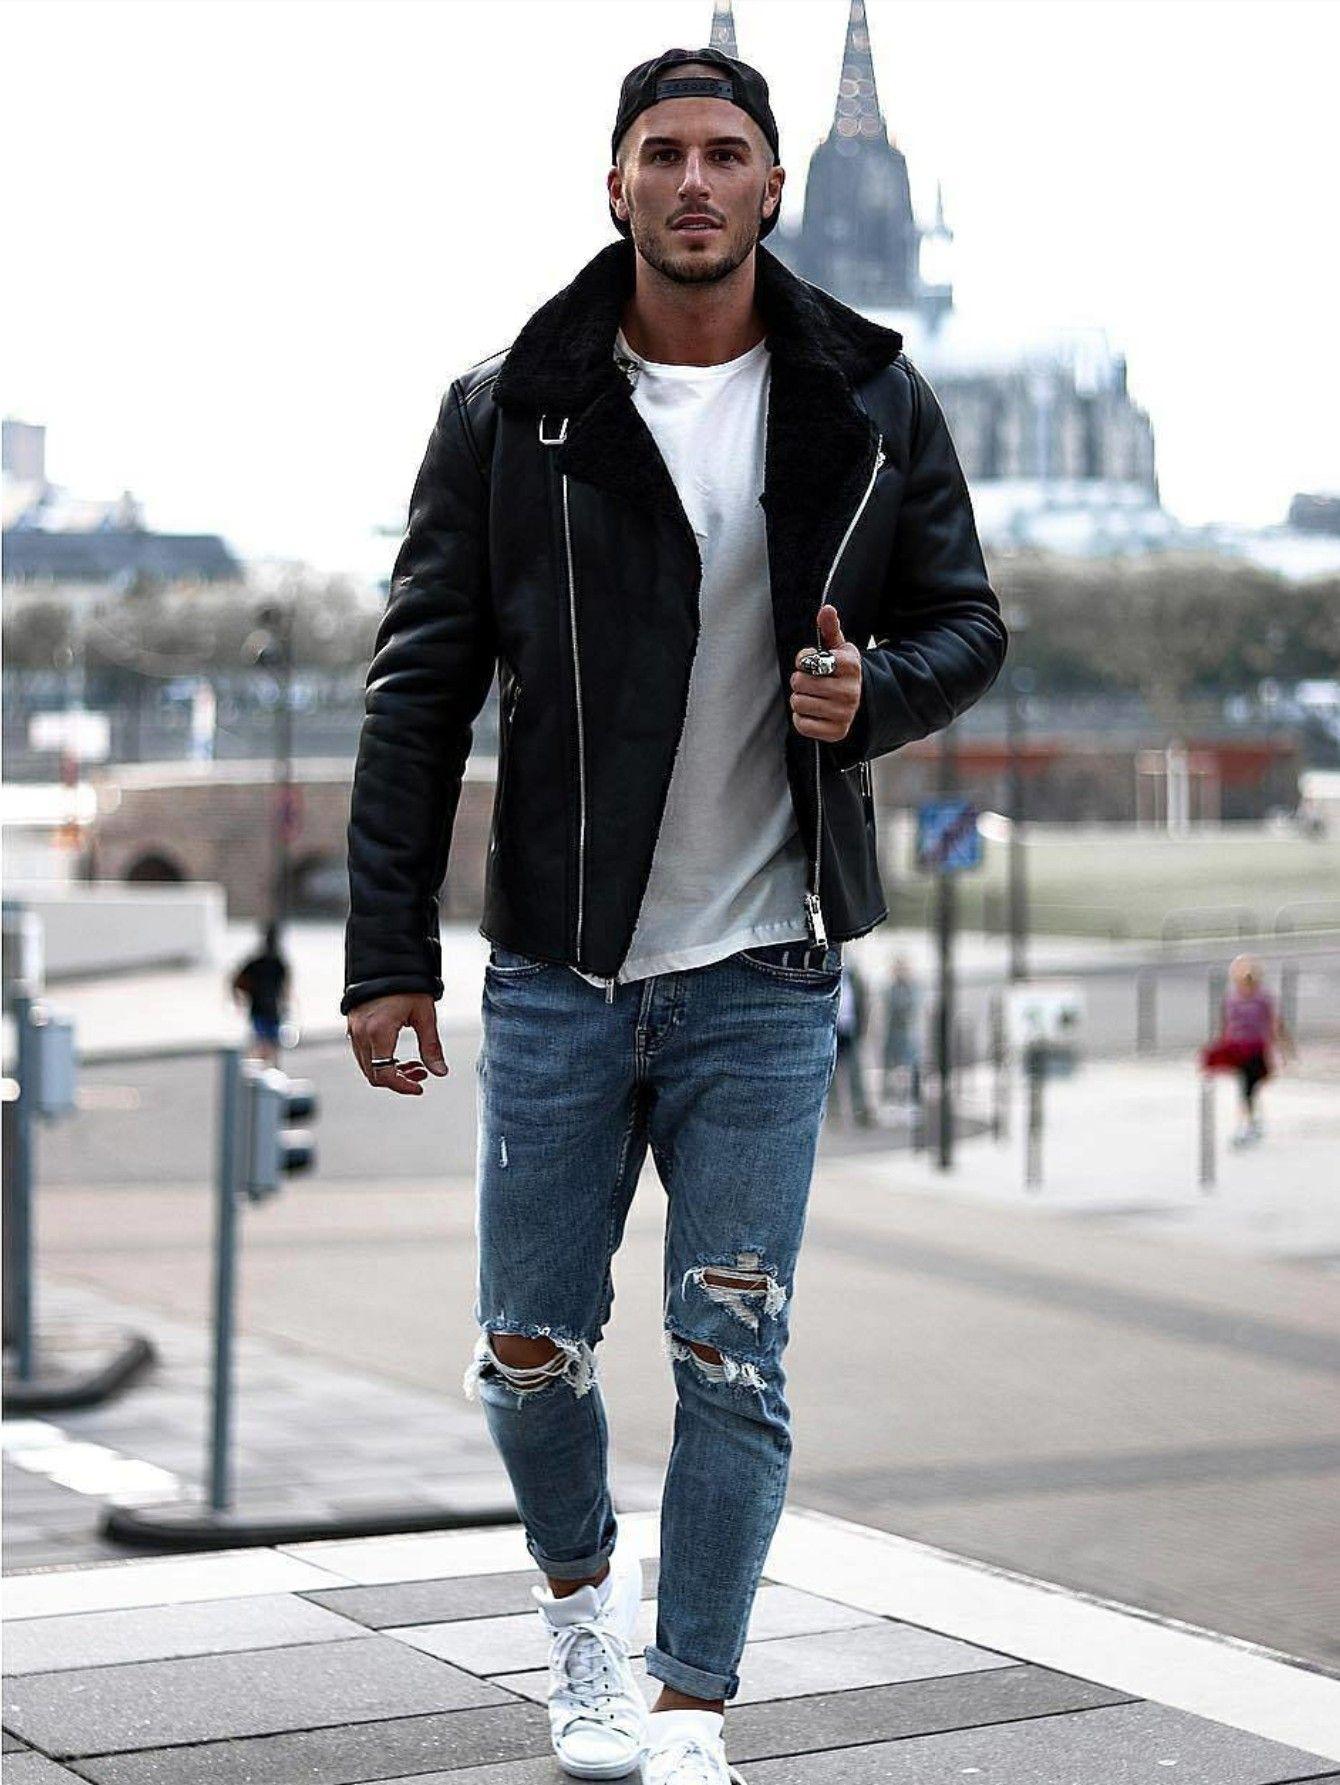 fd27837eade63e P D MODEBERATUNG empfiehlt Styling für den Mann männer mode fashion ...